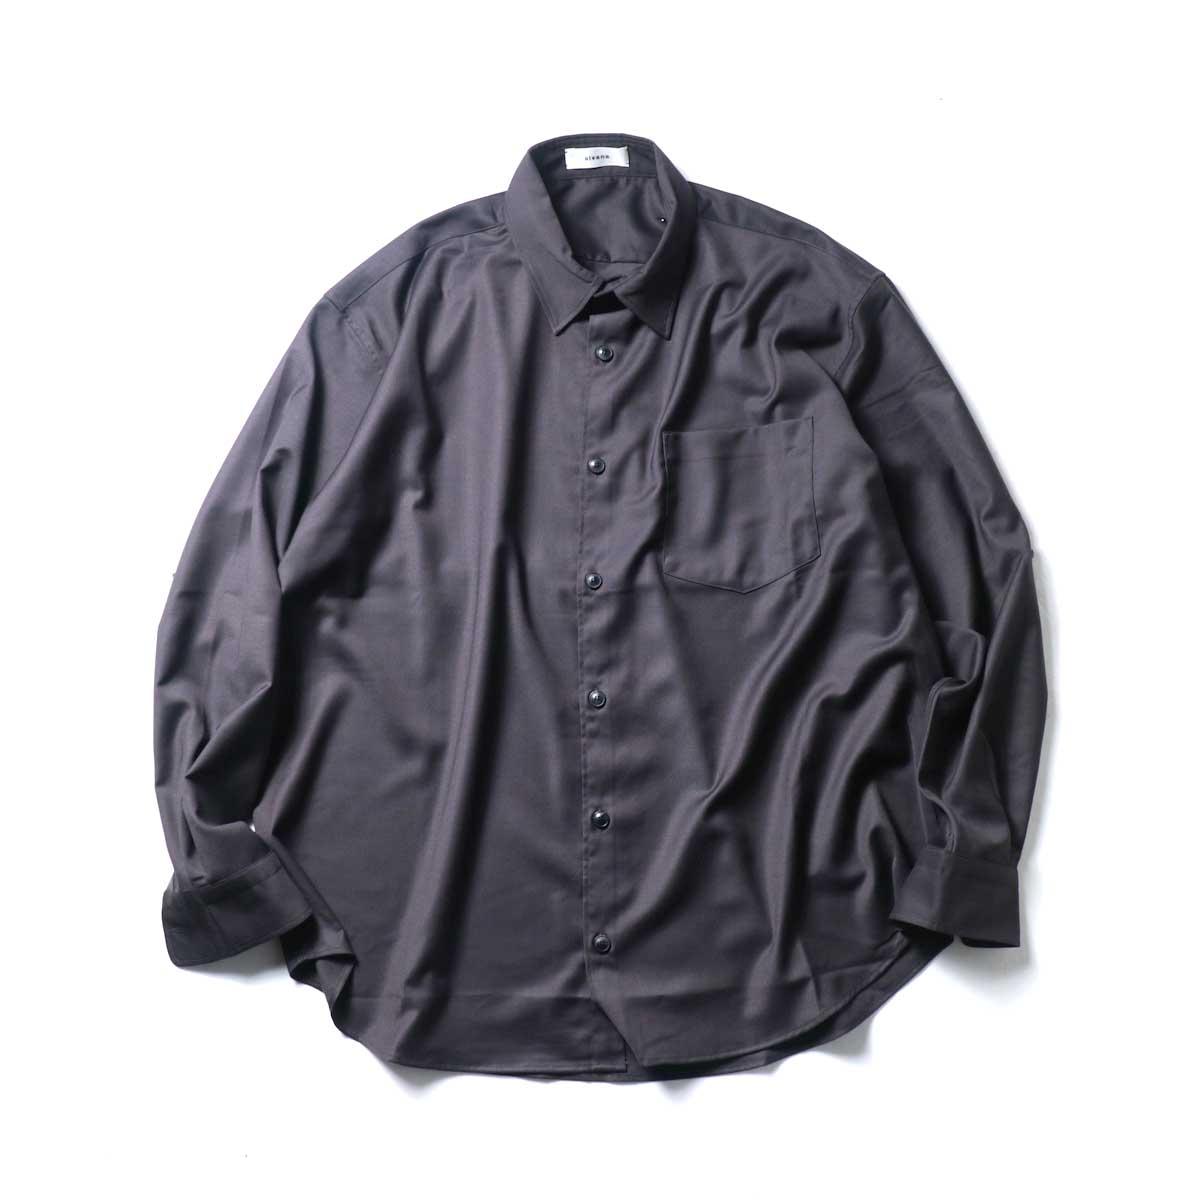 alvana / Wrinkle Proof Wide Shirts (Charcoal)